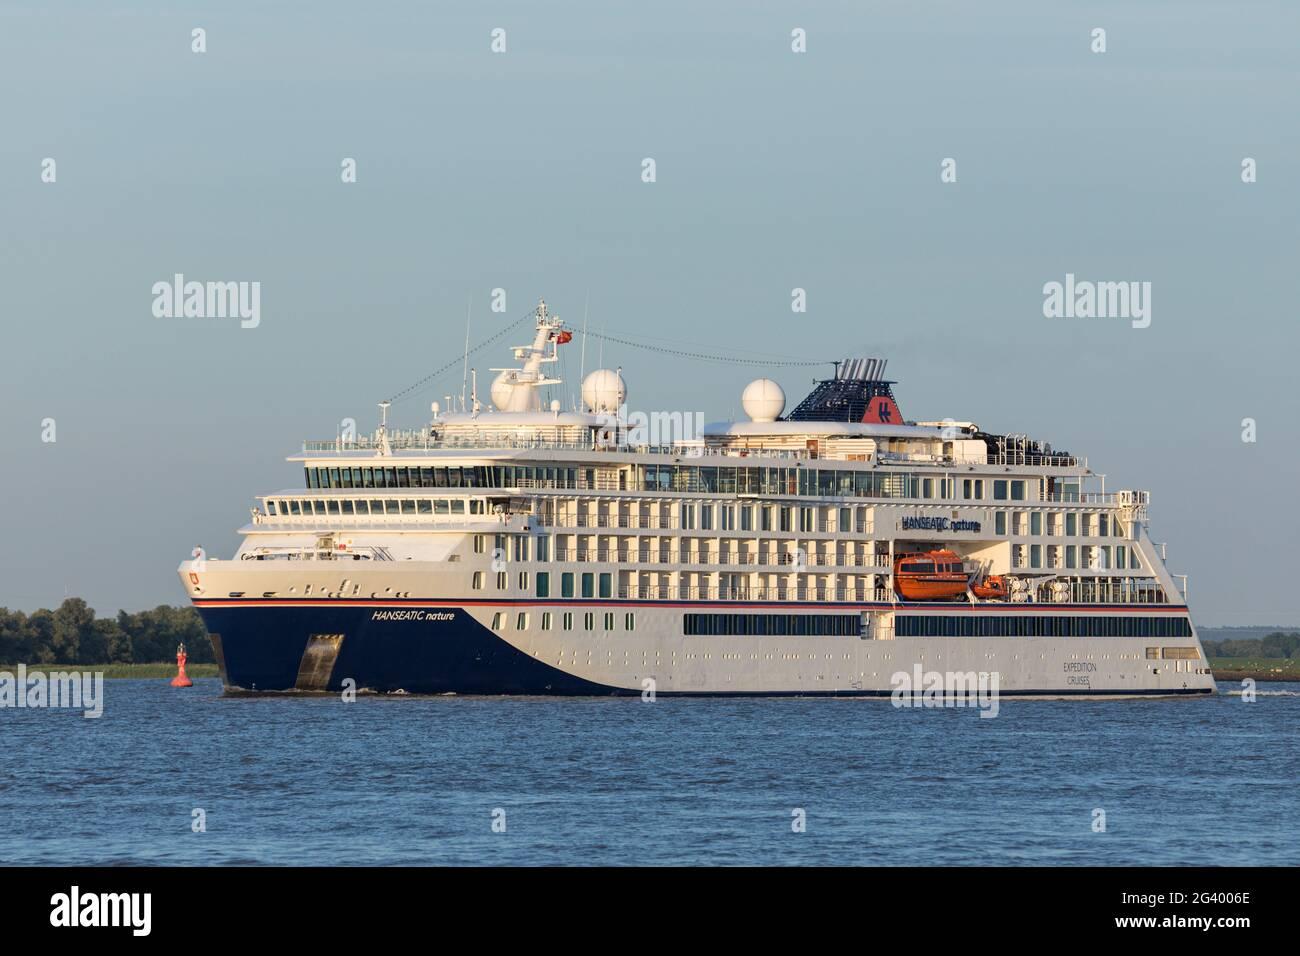 Stade, Deutschland - 15. Juni 2021: Expeditionsschiff HANSEATIC NATURE auf der Elbe auf einer Reise nach Norwegen Stockfoto